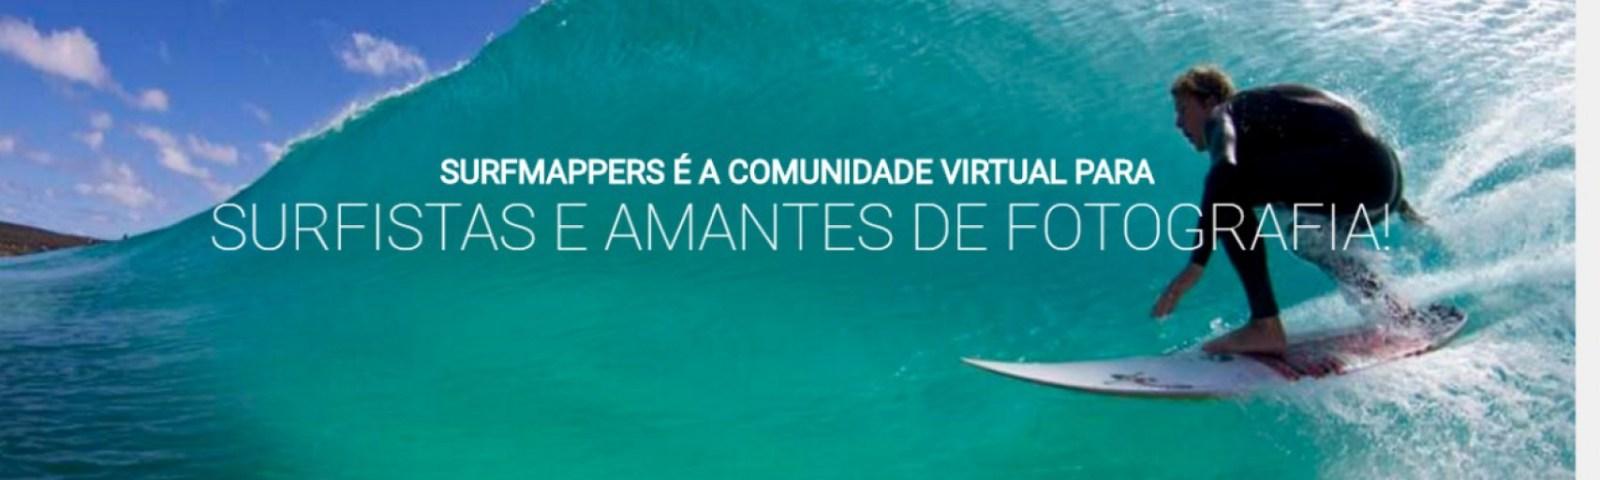 1222-surfmappers-empreendedorismo-infofranchising